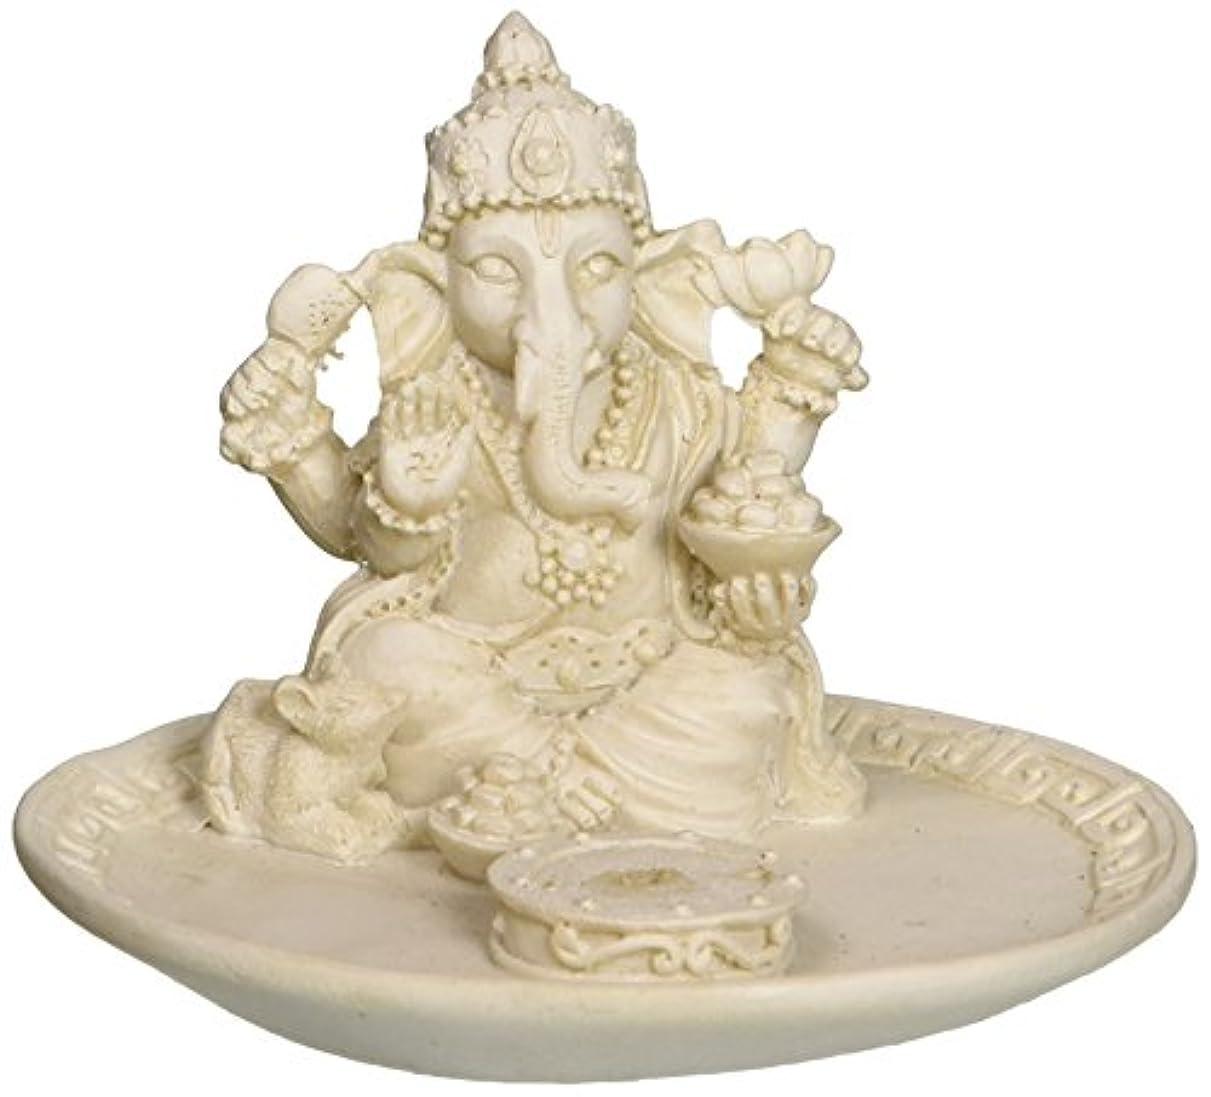 アミューズメント活性化するチキンWhite Beautiful Lord Ganesh Incense Sticks Holder - Ganesha, Laxmi, Shiva, Durga, Kali